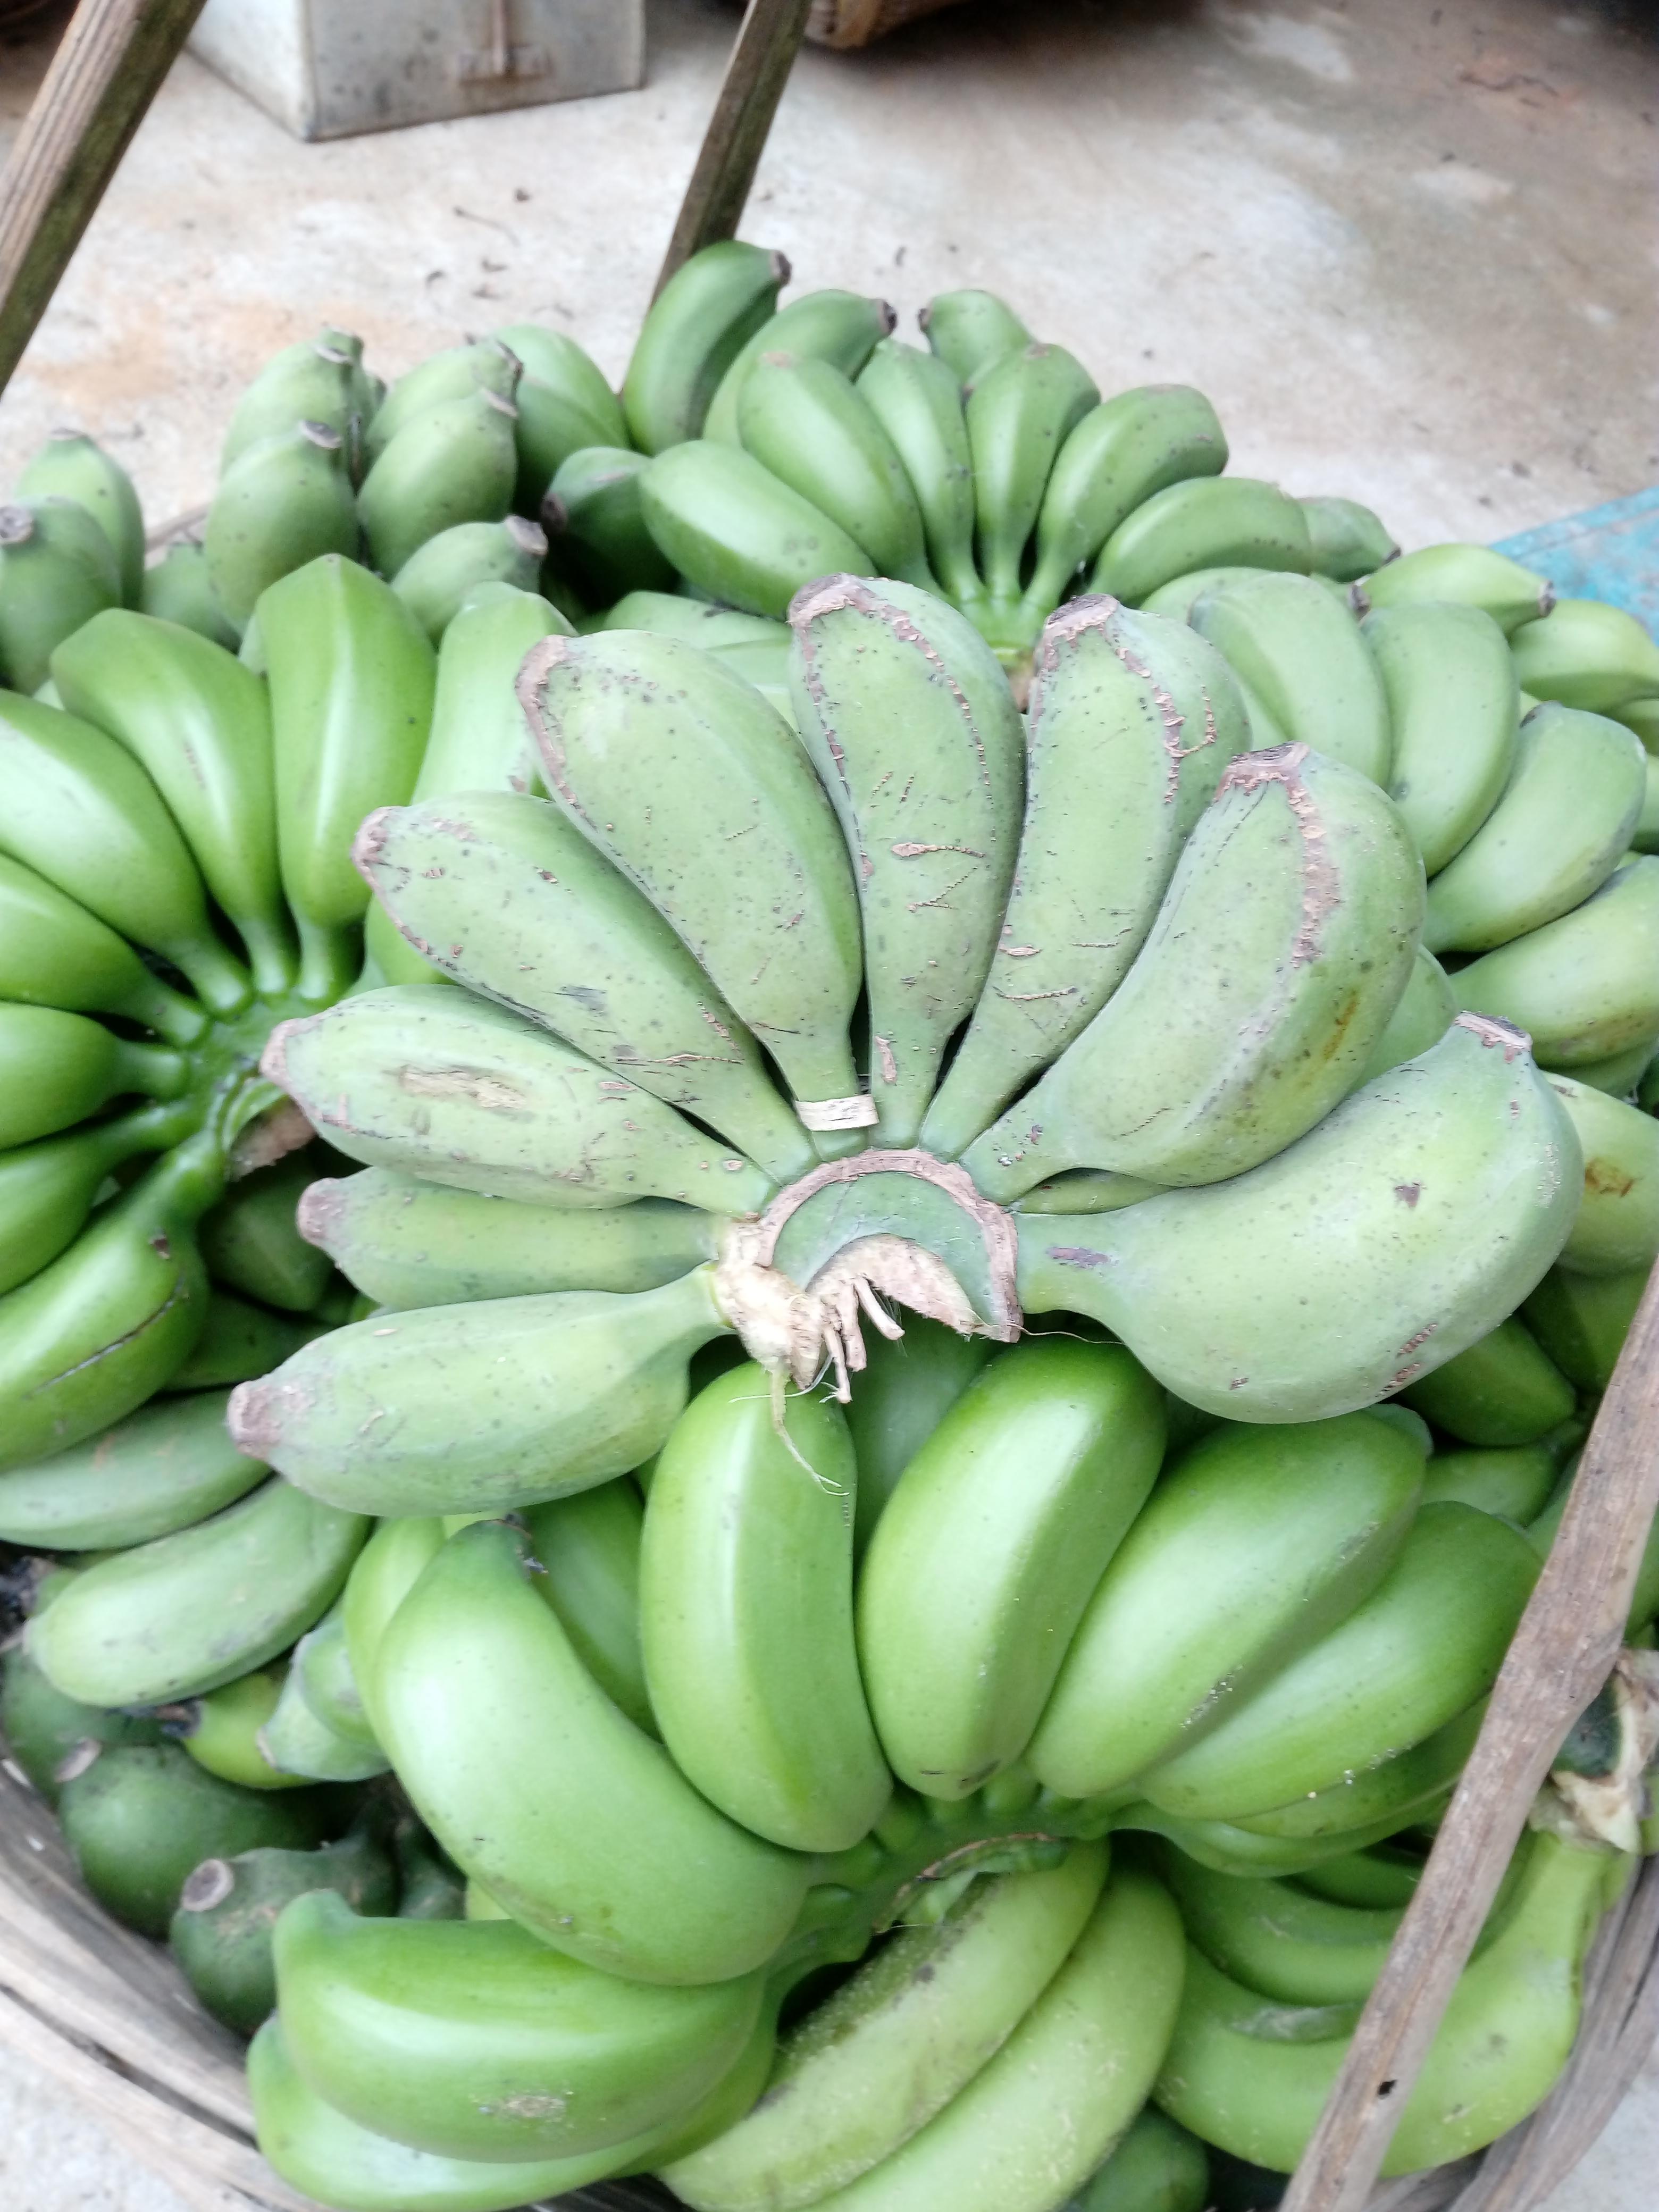 小米蕉 果园直销 小果 实惠九斤装包邮 现摘新鲜发货